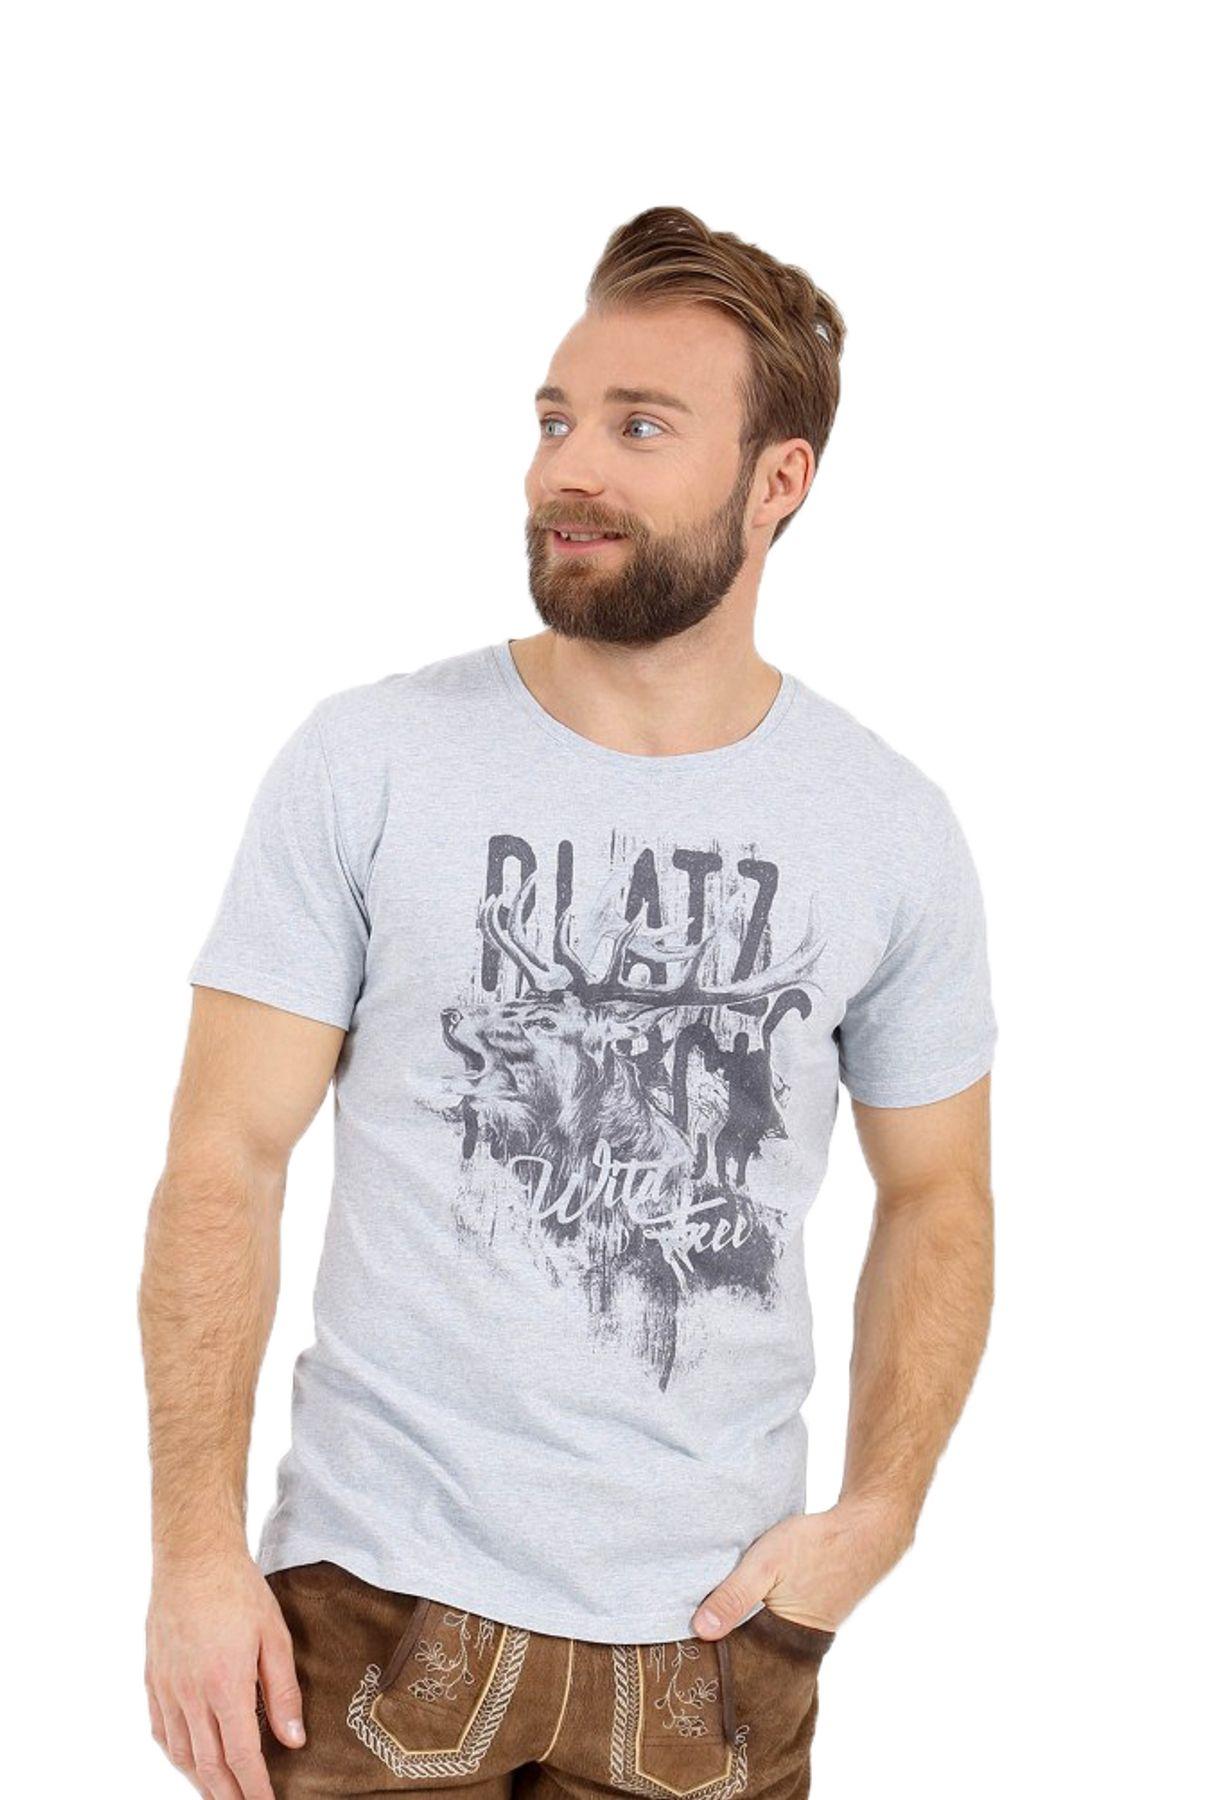 Krüger - Herren Trachten T-Shirt in hellblau, Platzhirsch (95211-81) – Bild 1